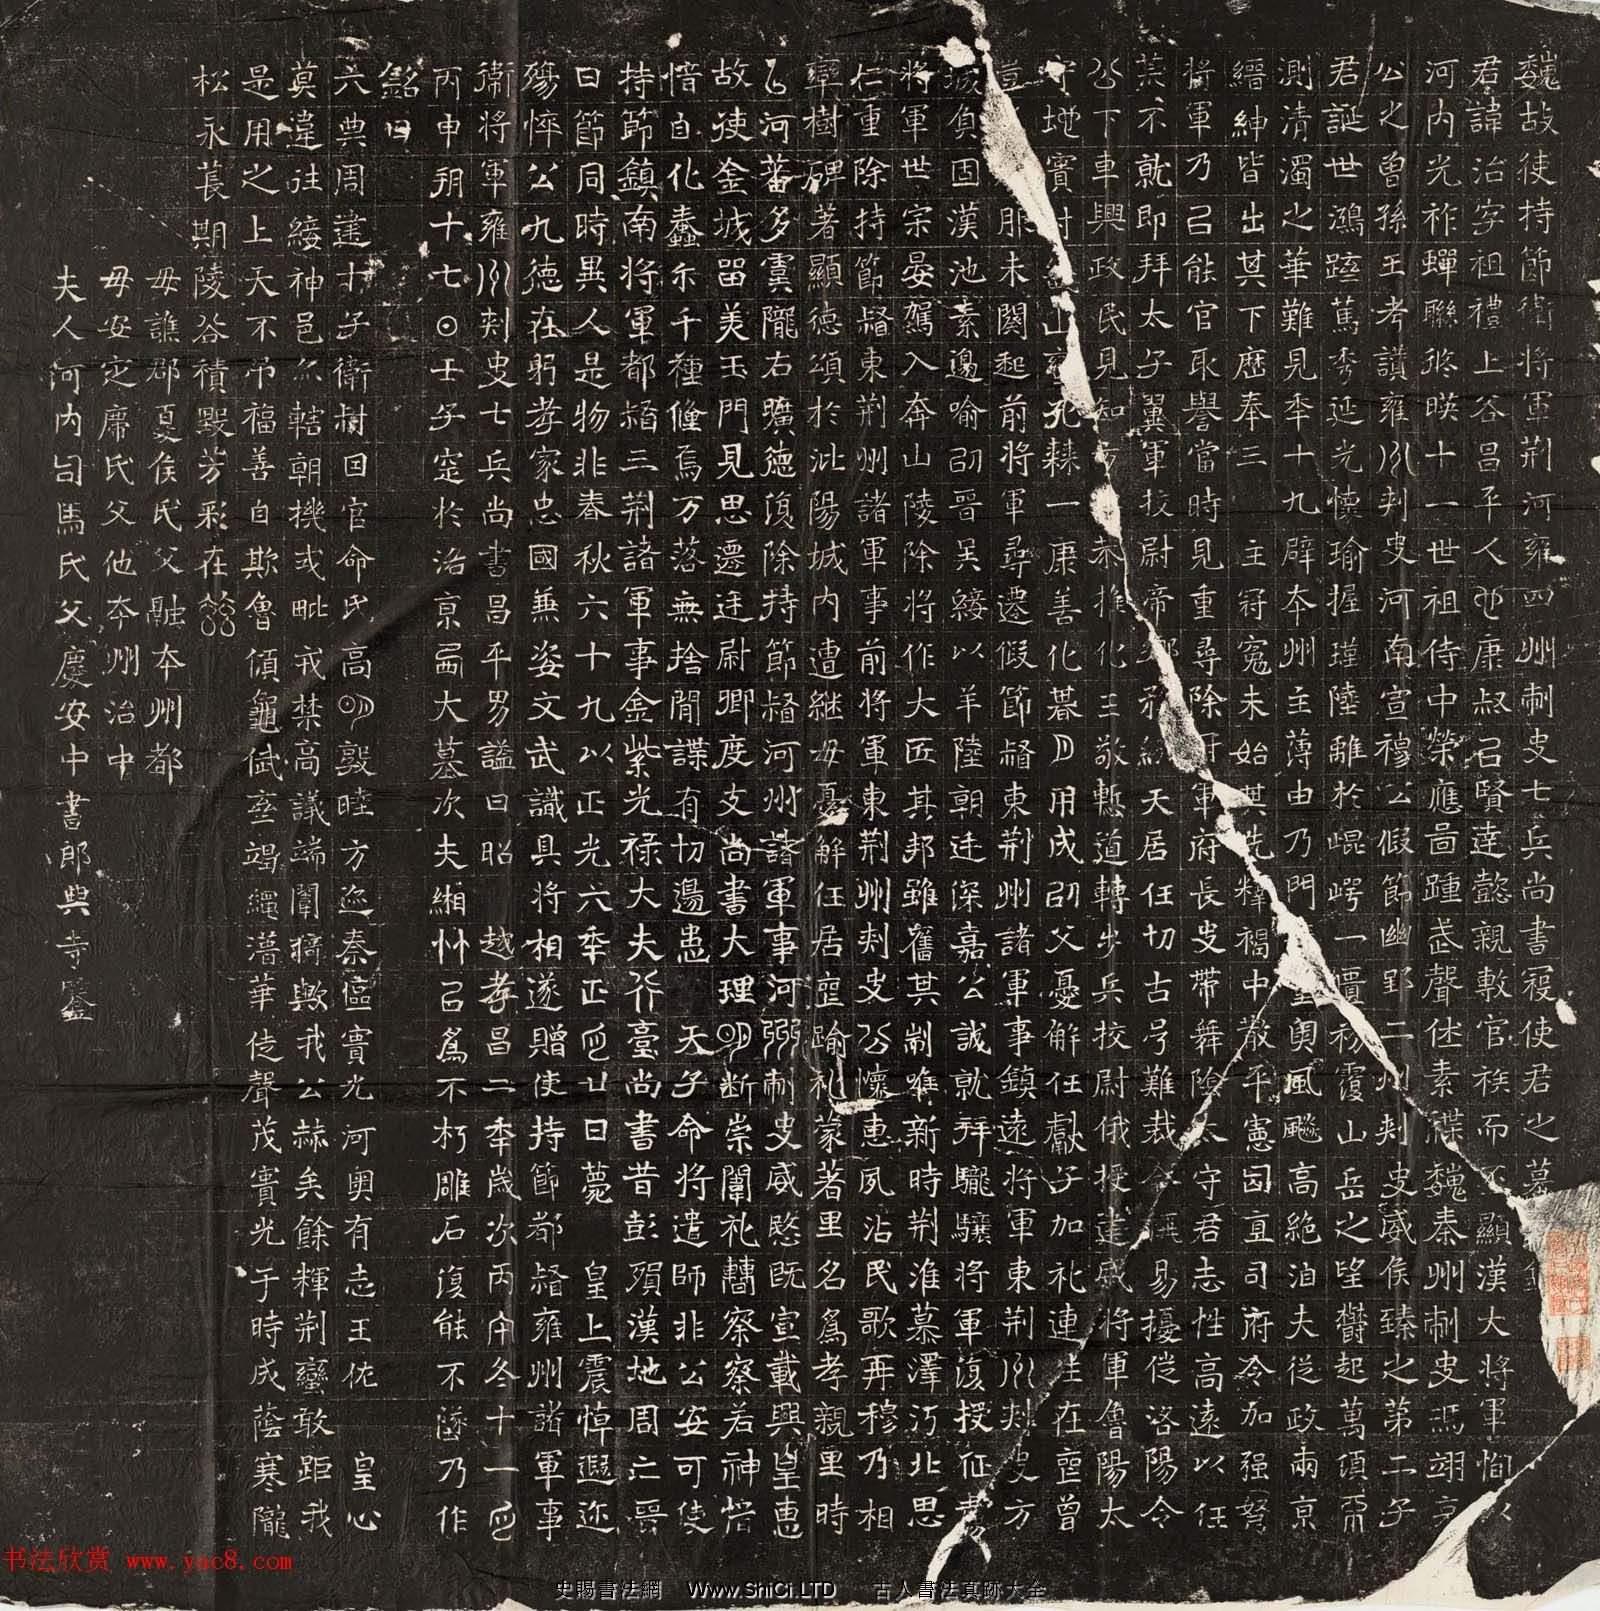 北魏正書石刻真跡欣賞《寇治墓誌》民國拓本(共3張圖片)